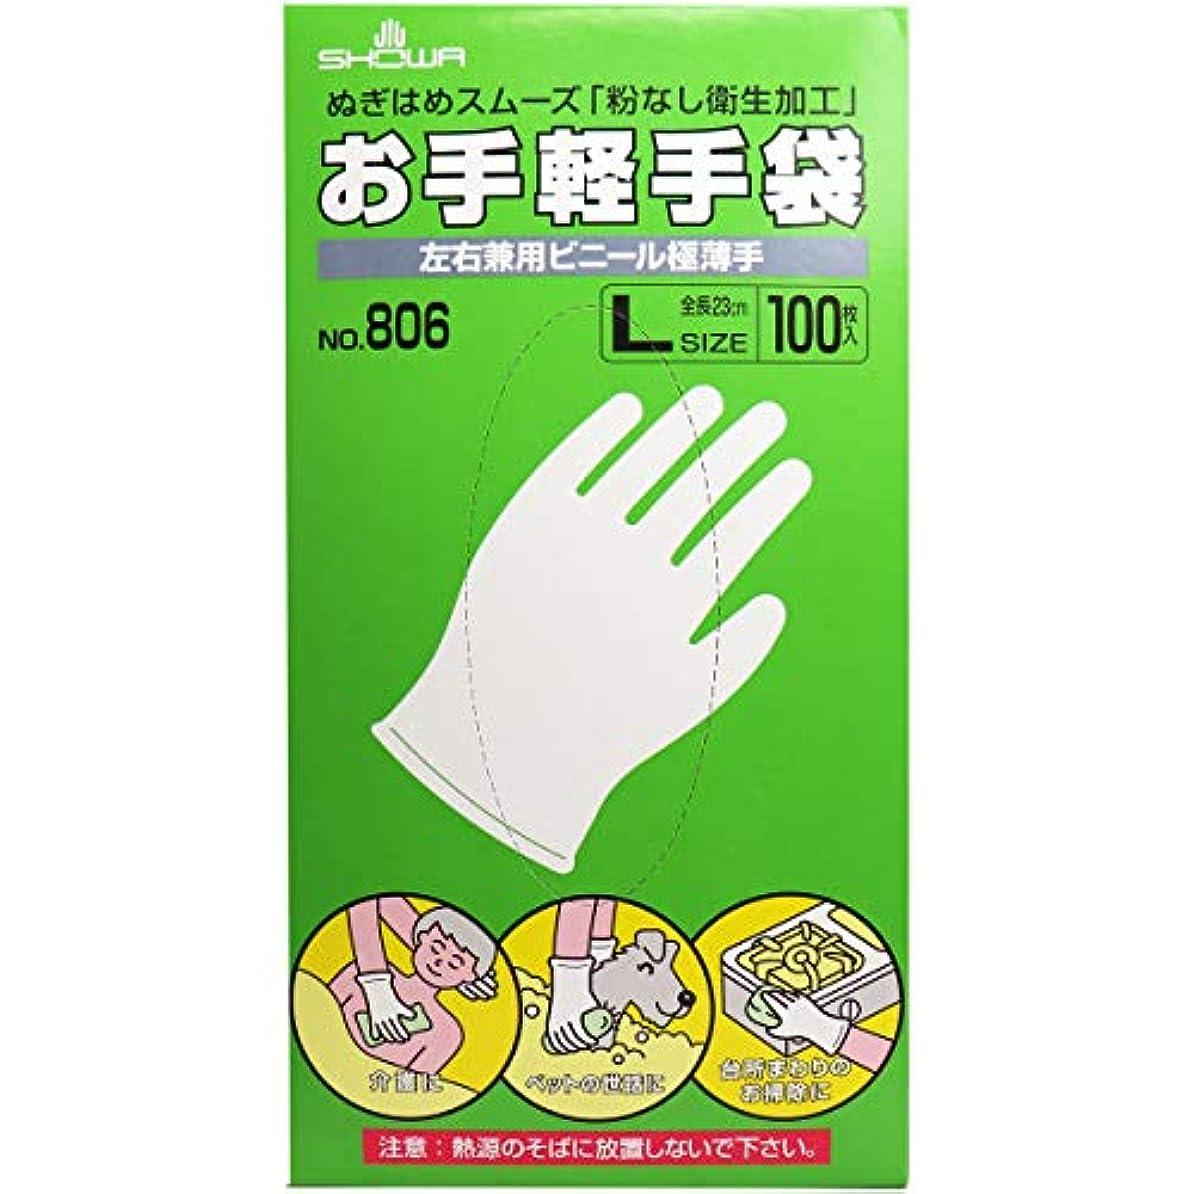 幾分ゴール解明するお手軽手袋 No.806 左右兼用ビニール極薄手 粉なし Lサイズ 100枚入×5個セット(管理番号 4901792033602)